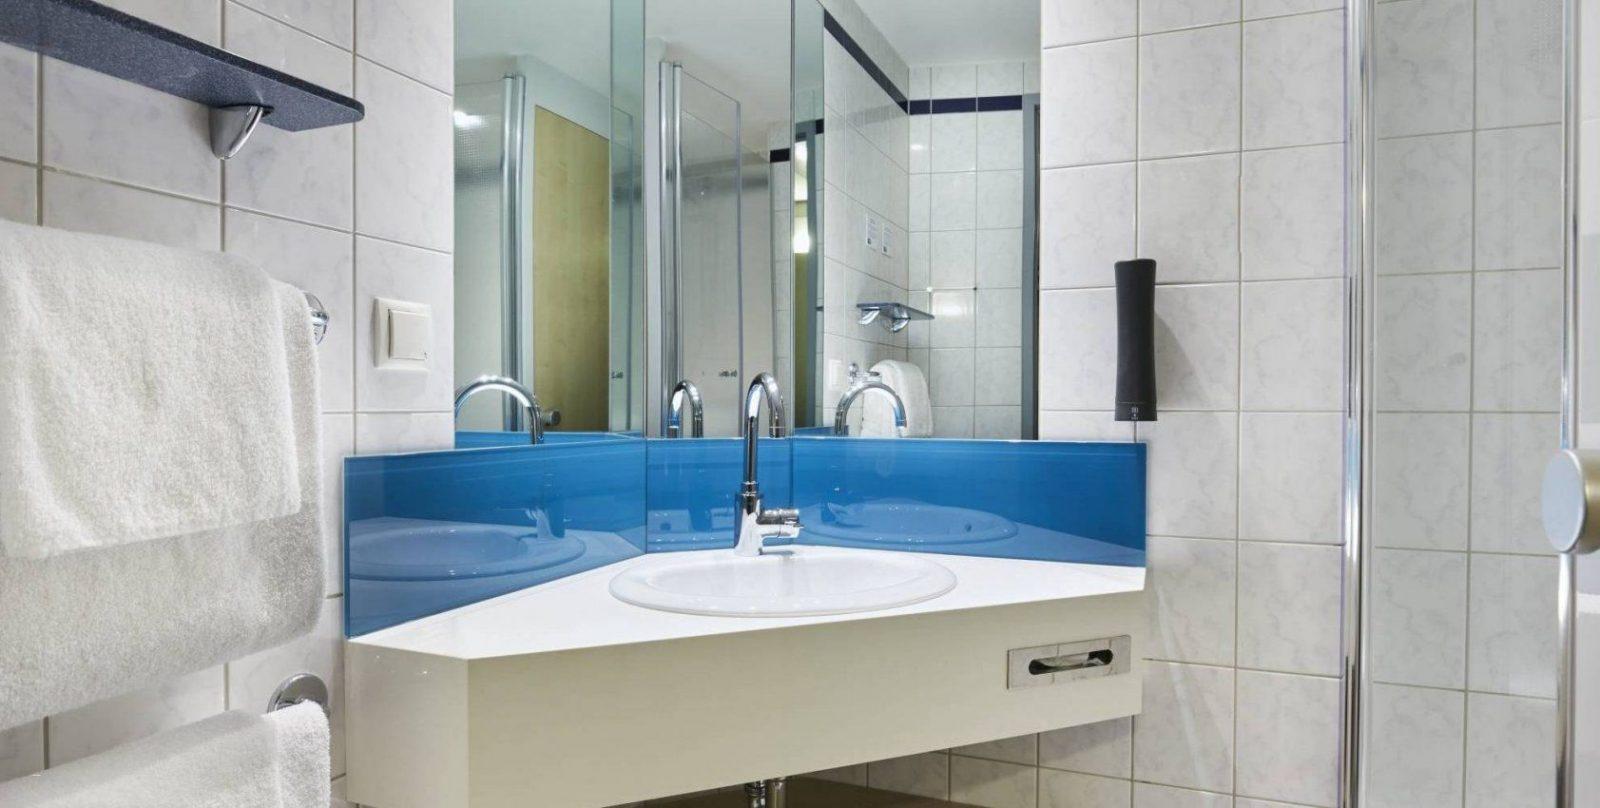 Badezimmer Kostengünstig Renovieren Genial Einzigartige Bad von Badezimmer Kostengünstig Renovieren Bild